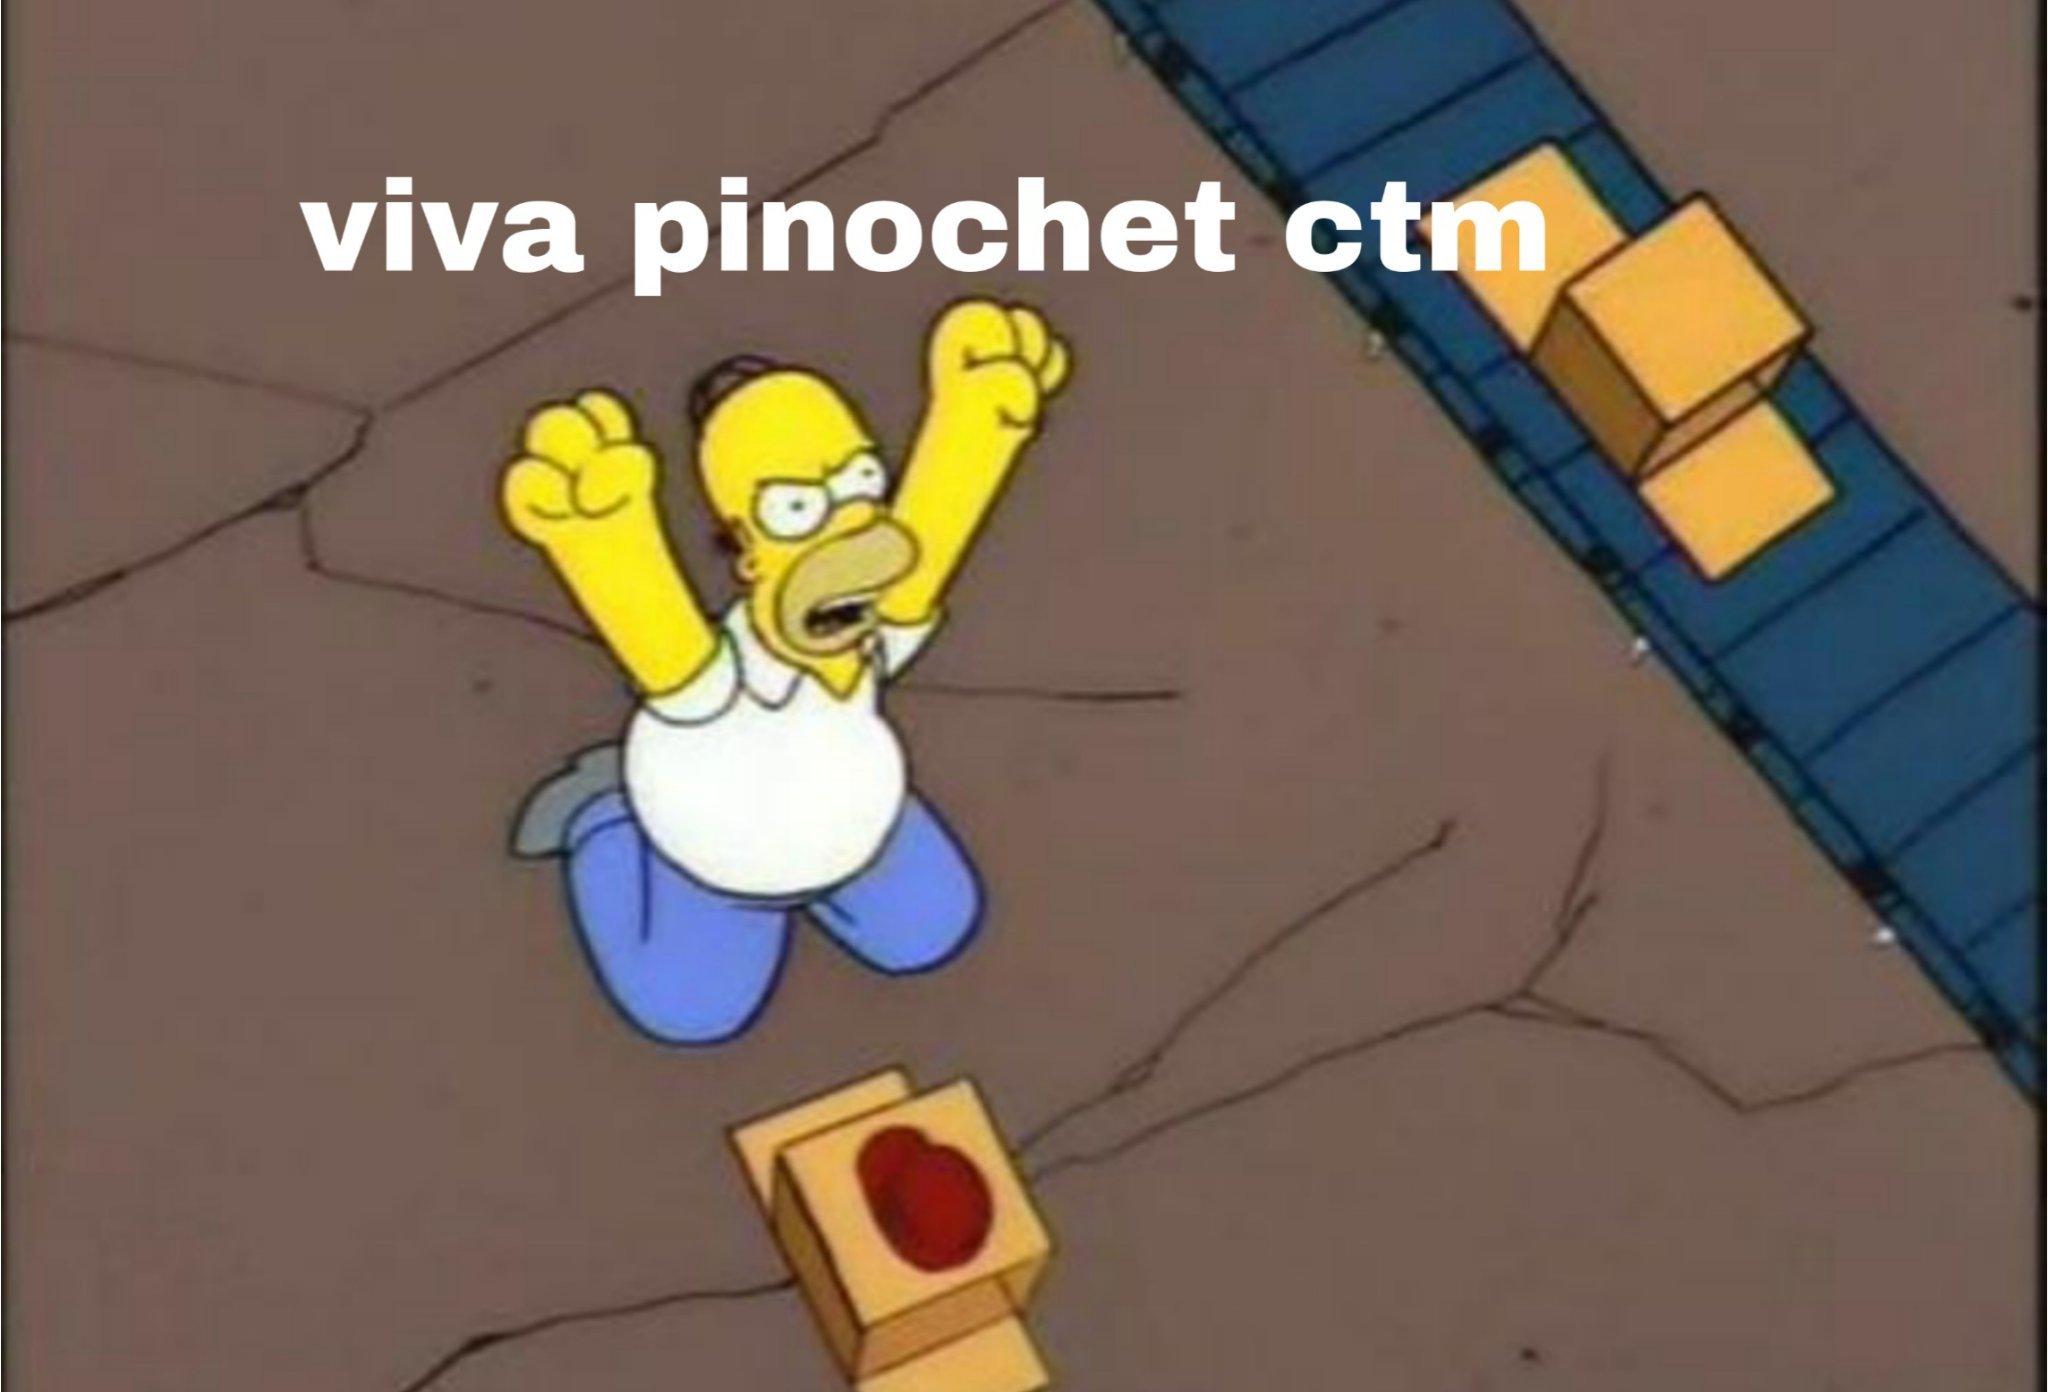 Viva - meme